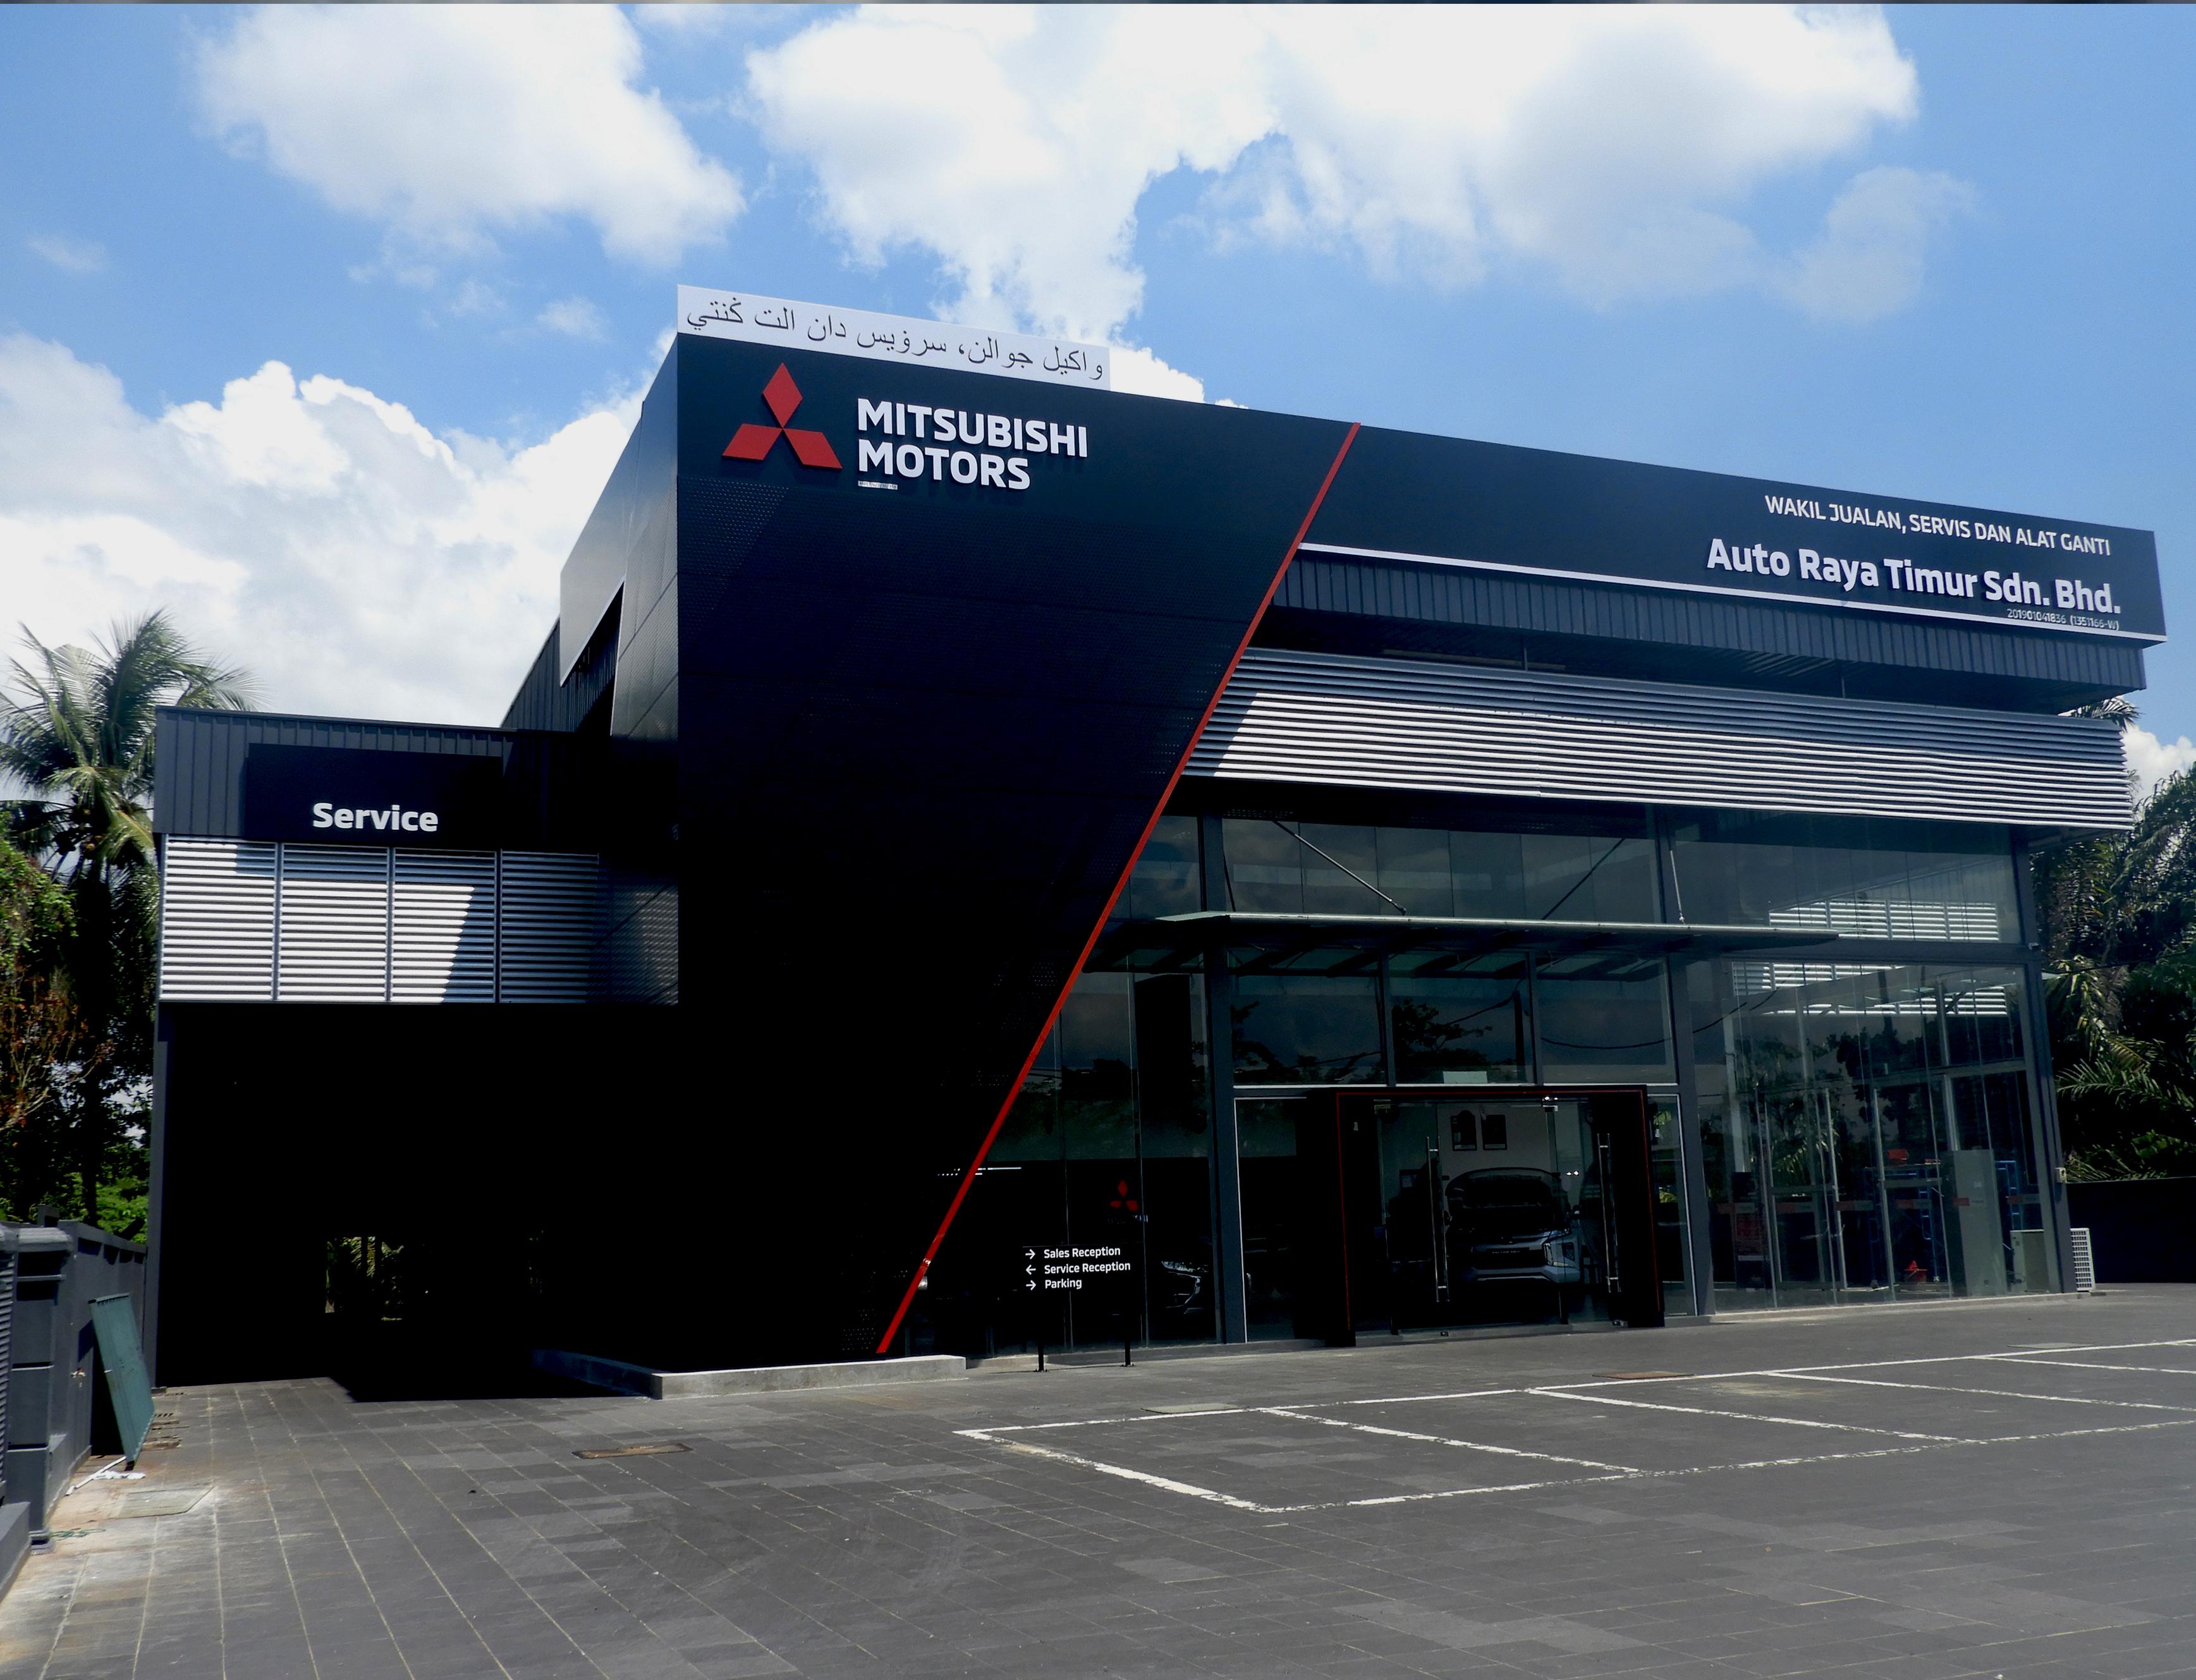 Mitsubishi Motors Temerloh